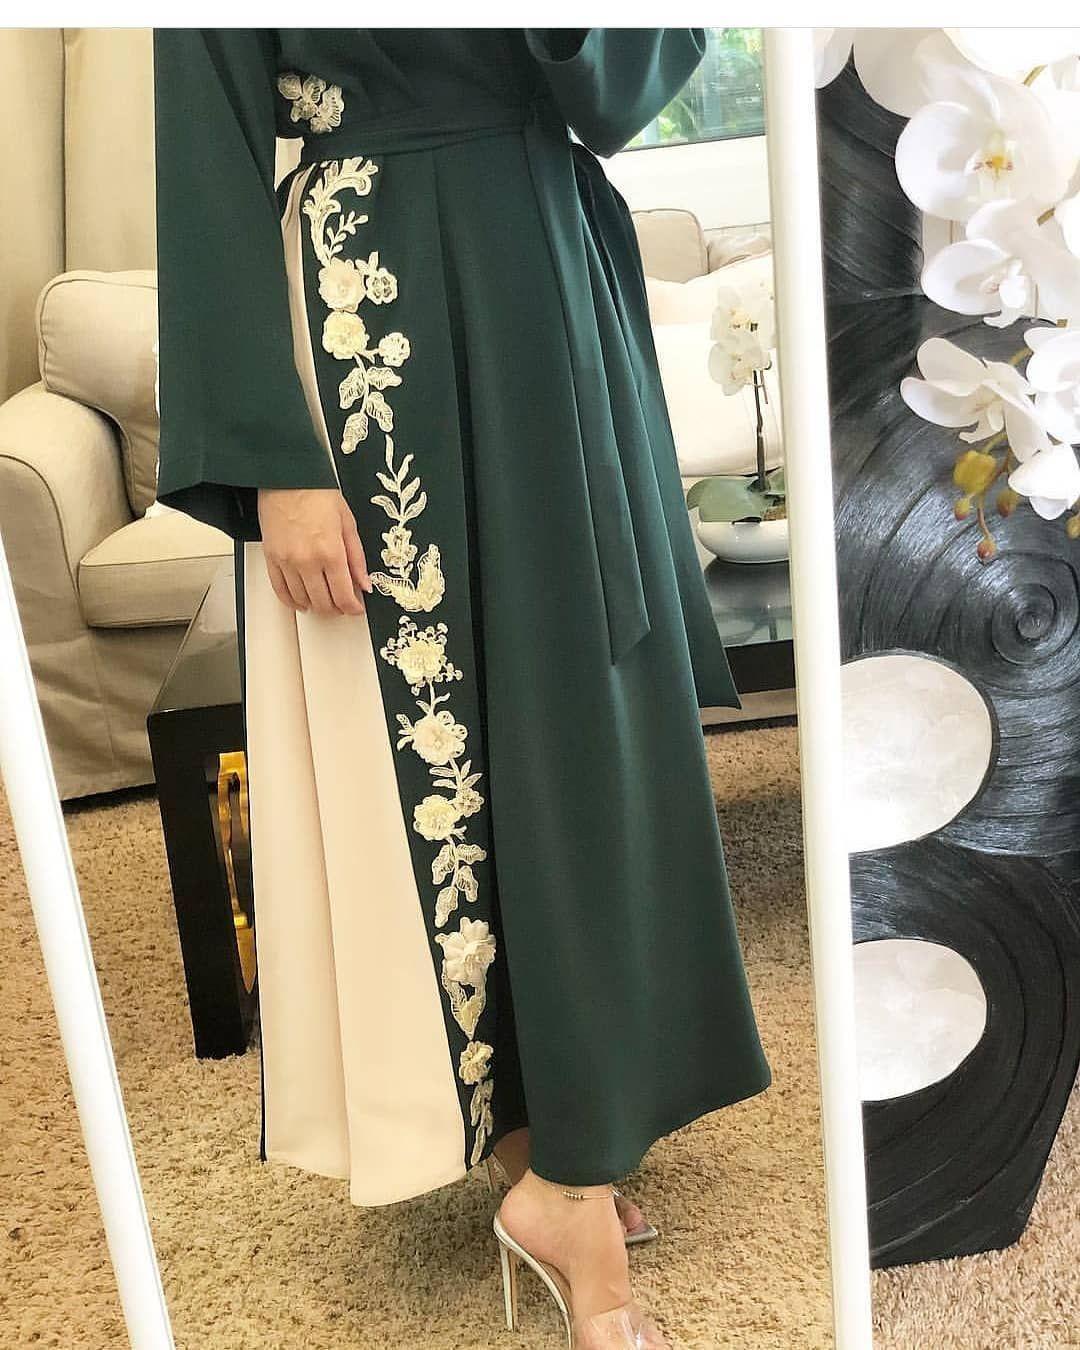 عبايات صنعت بالإمارات و صممت من أفضل أنواع الاقمشة و قد فصل منها قطعة واحدة فقط لتفضي التميز على من يقت Muslim Fashion Outfits Muslim Fashion Abayas Fashion